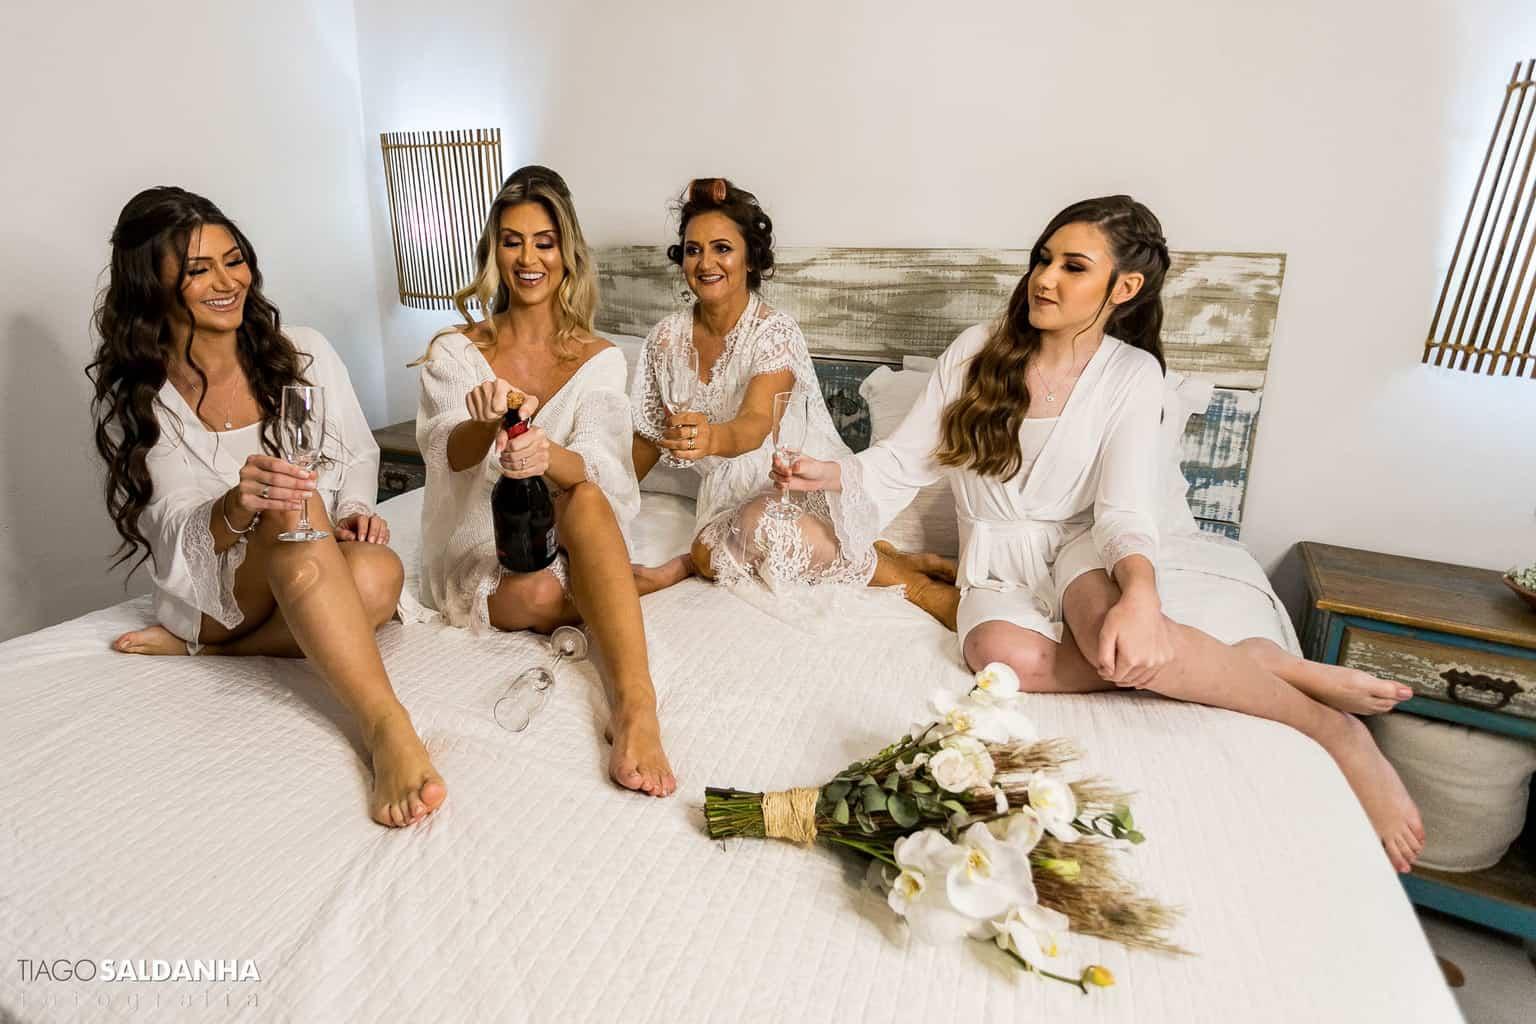 Aliança-no-Espelho-Casamento-Chandrélin-e-Laureano-cerimonia-na-praia-Chan-e-Lau-making-of-Rio-da-Barra11